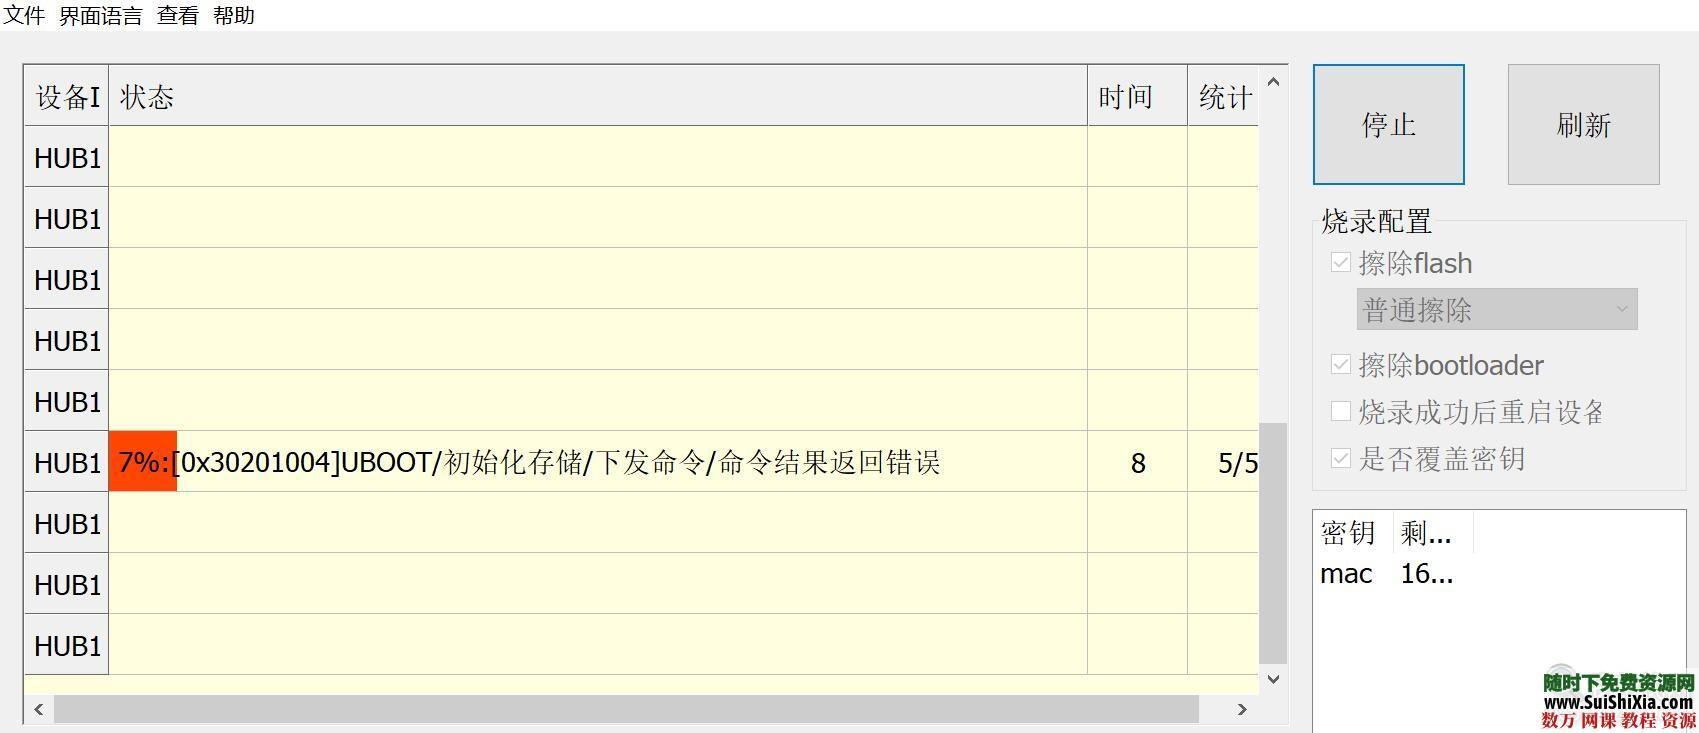 亲测!联通网络机顶盒E900 V21D刷机ROM包破解超级密码救砖教程工具合集 第6张